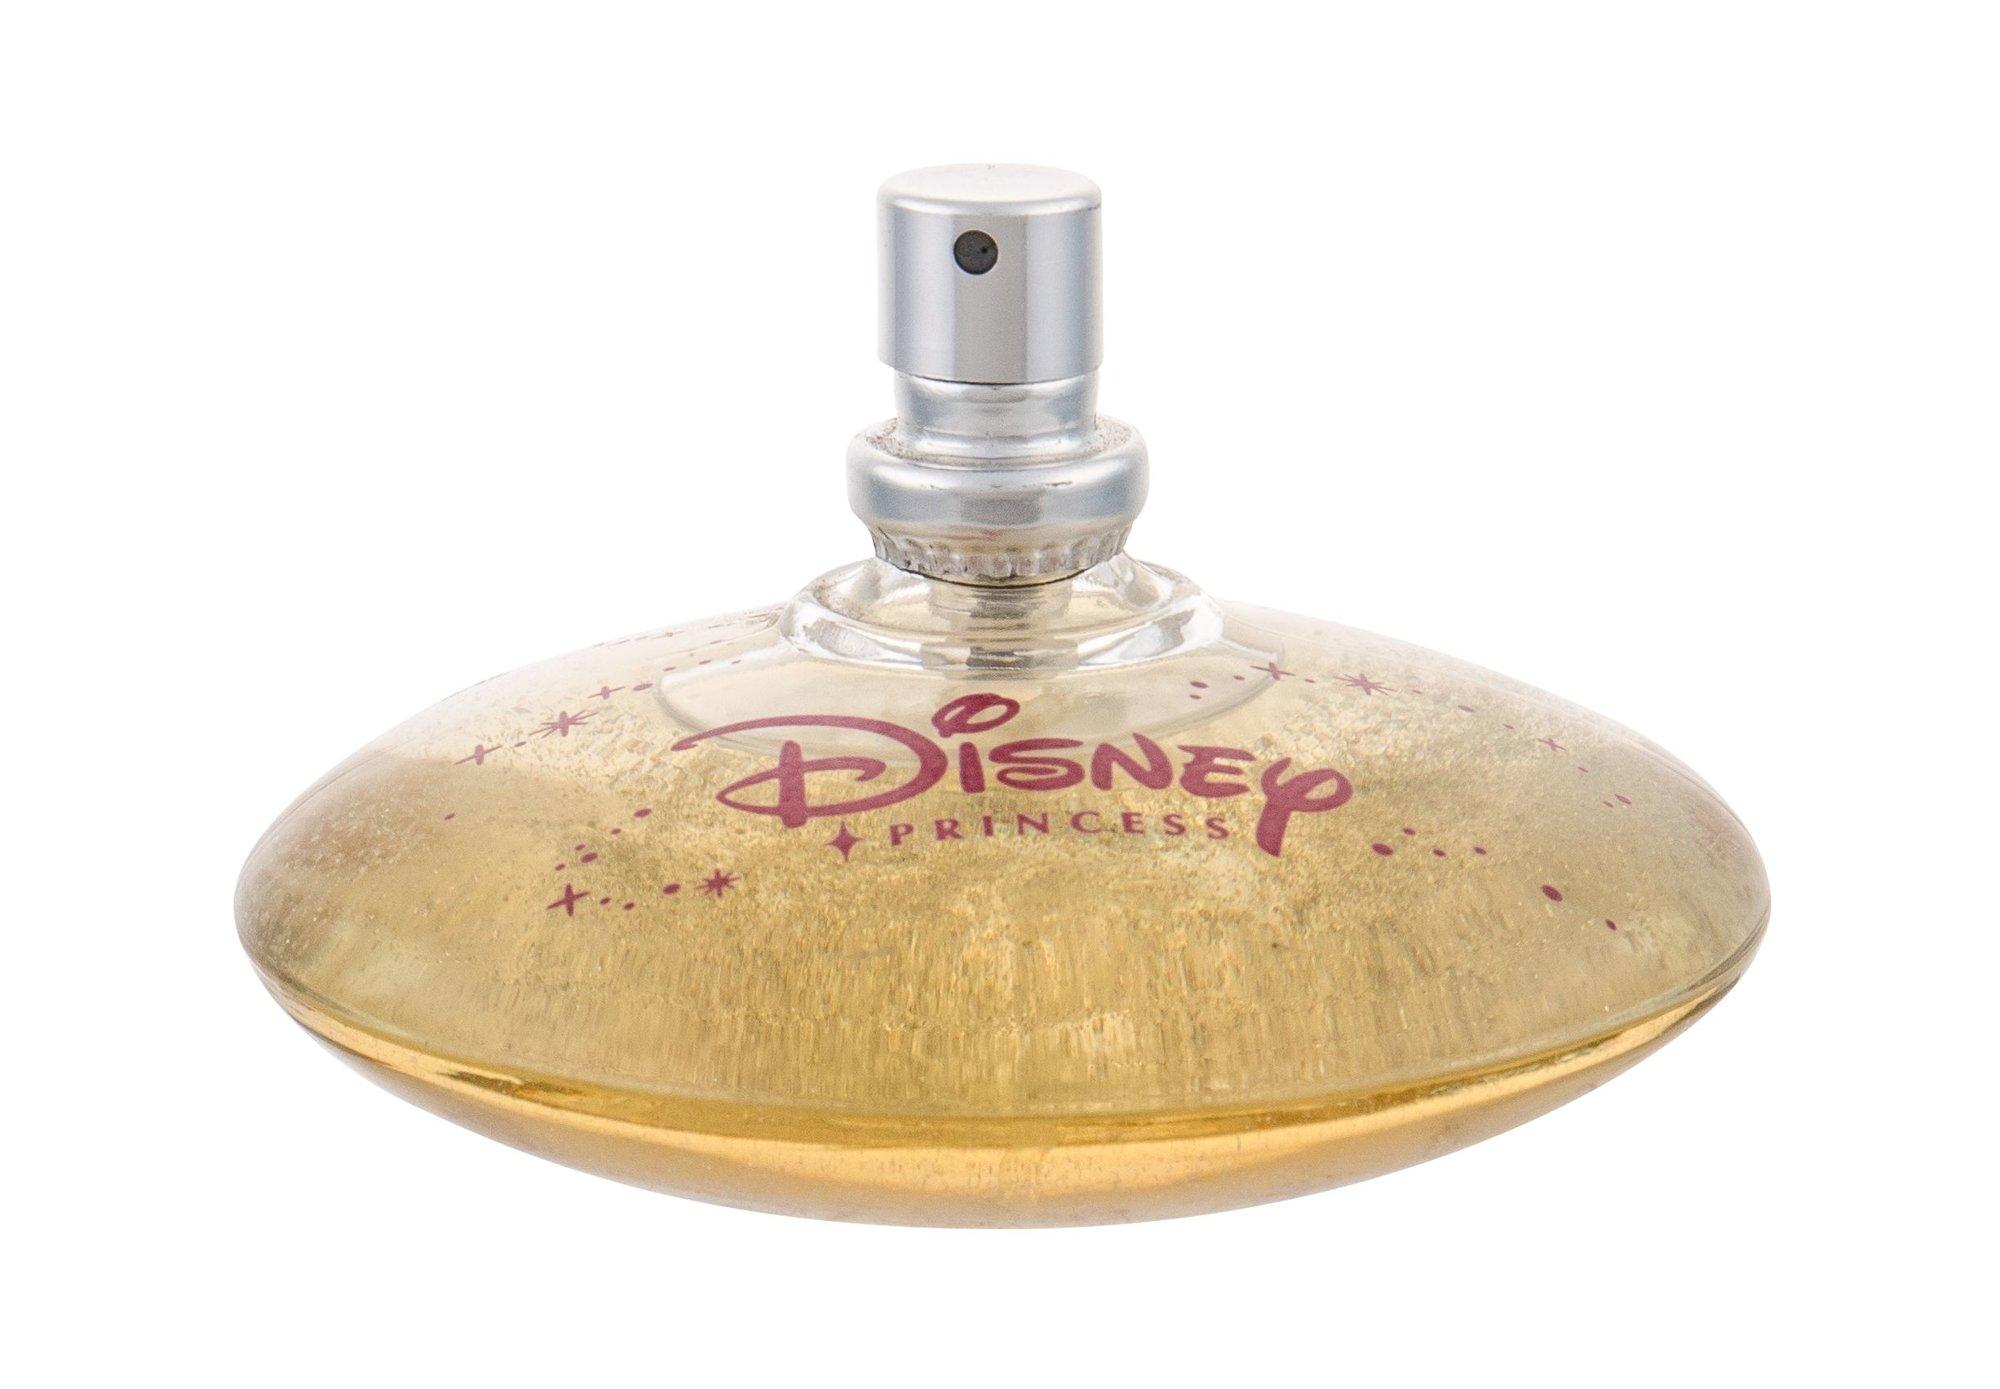 Disney Princess Princess Paillettes Eau de Toilette 60ml